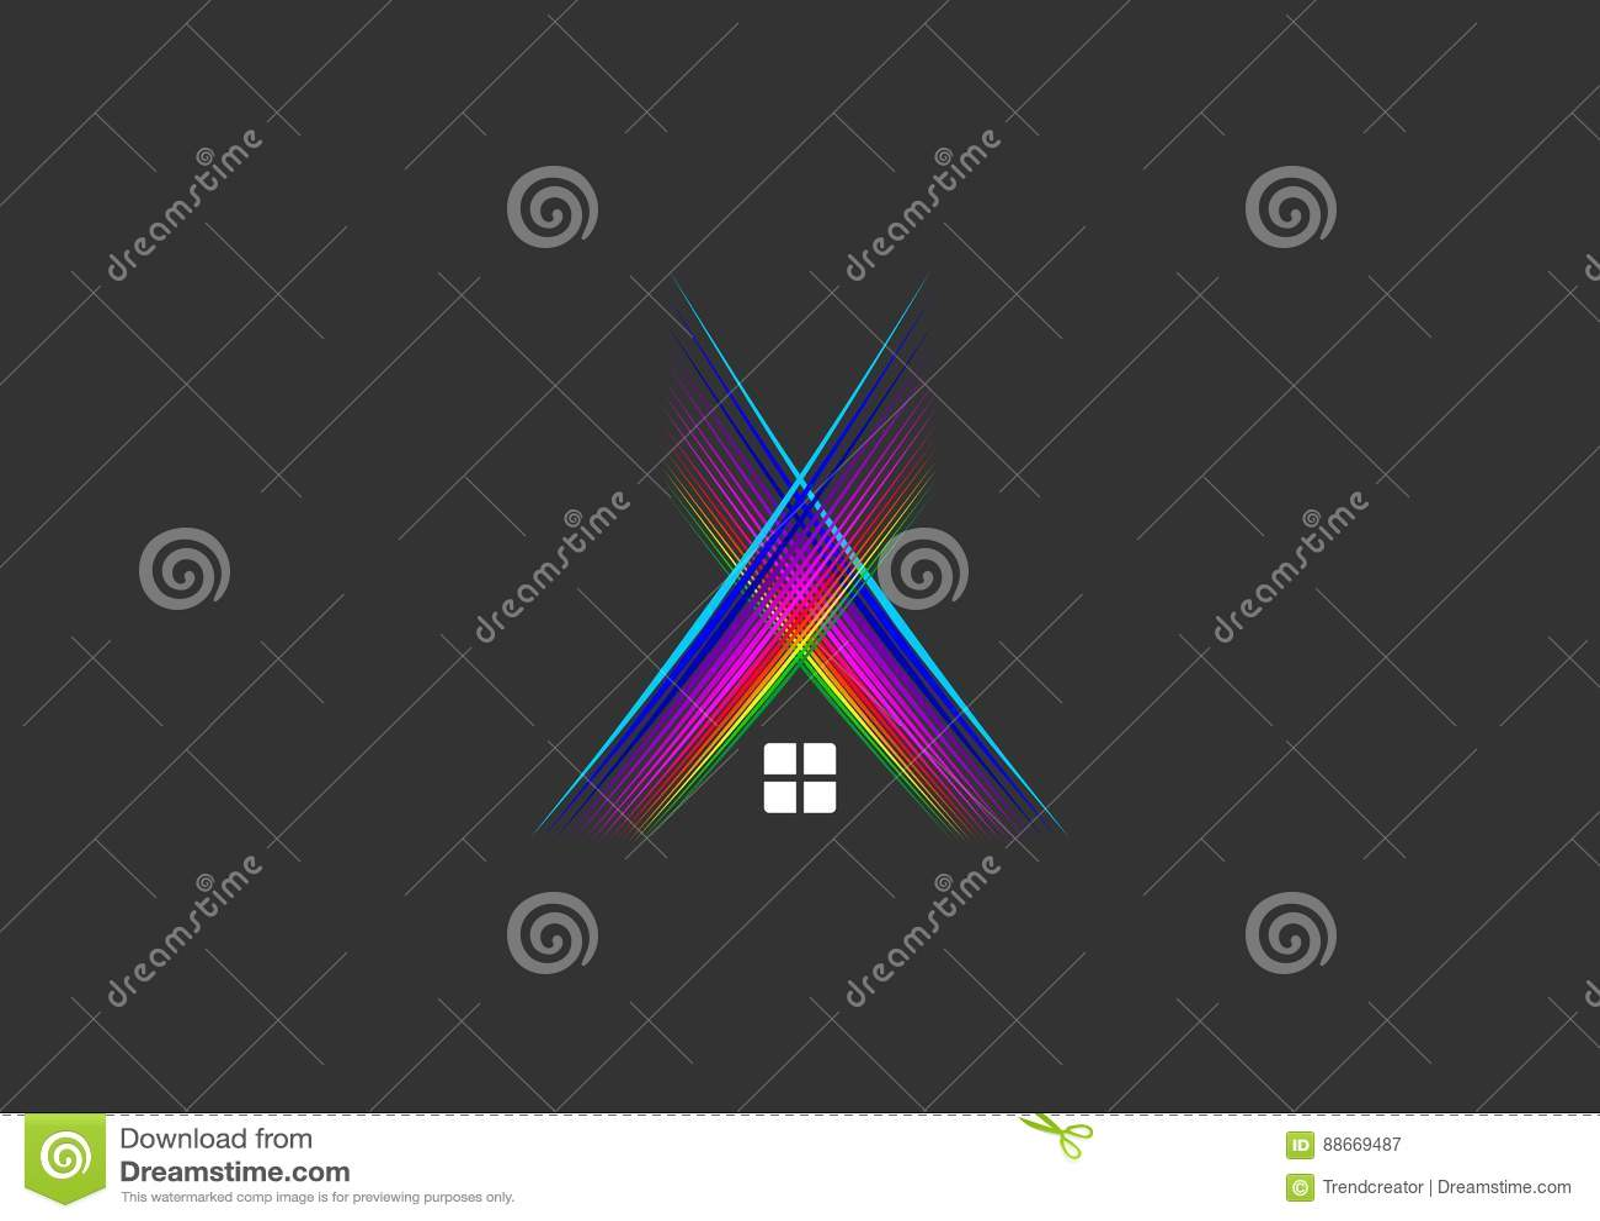 Ziemlich Elektrisches Zeichen Fotos - Verdrahtungsideen - korsmi.info